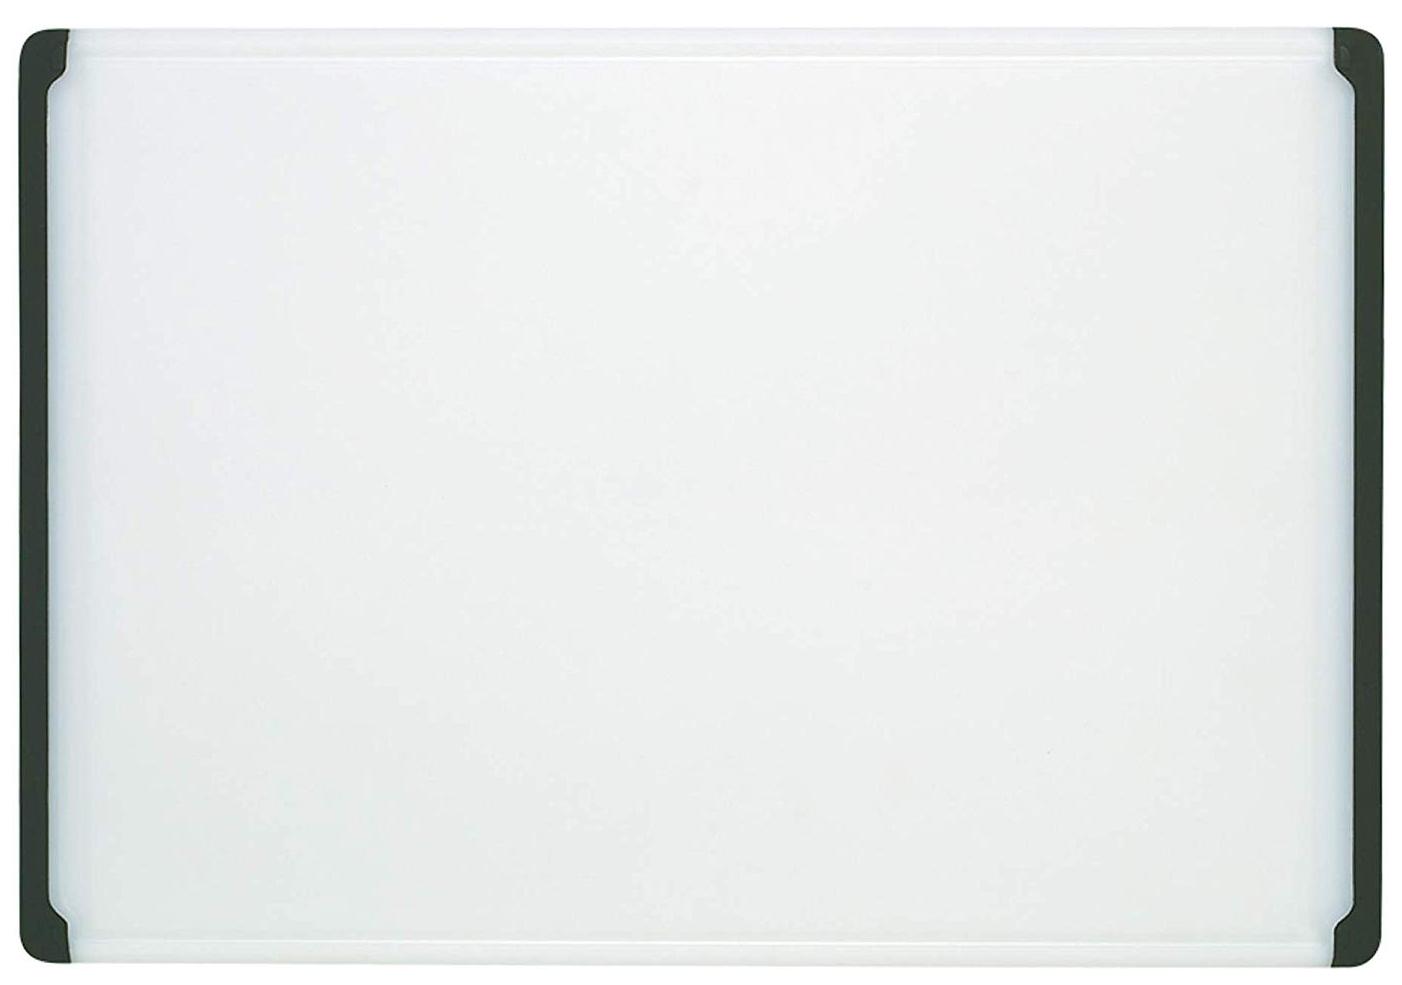 Cutting Board.jpg